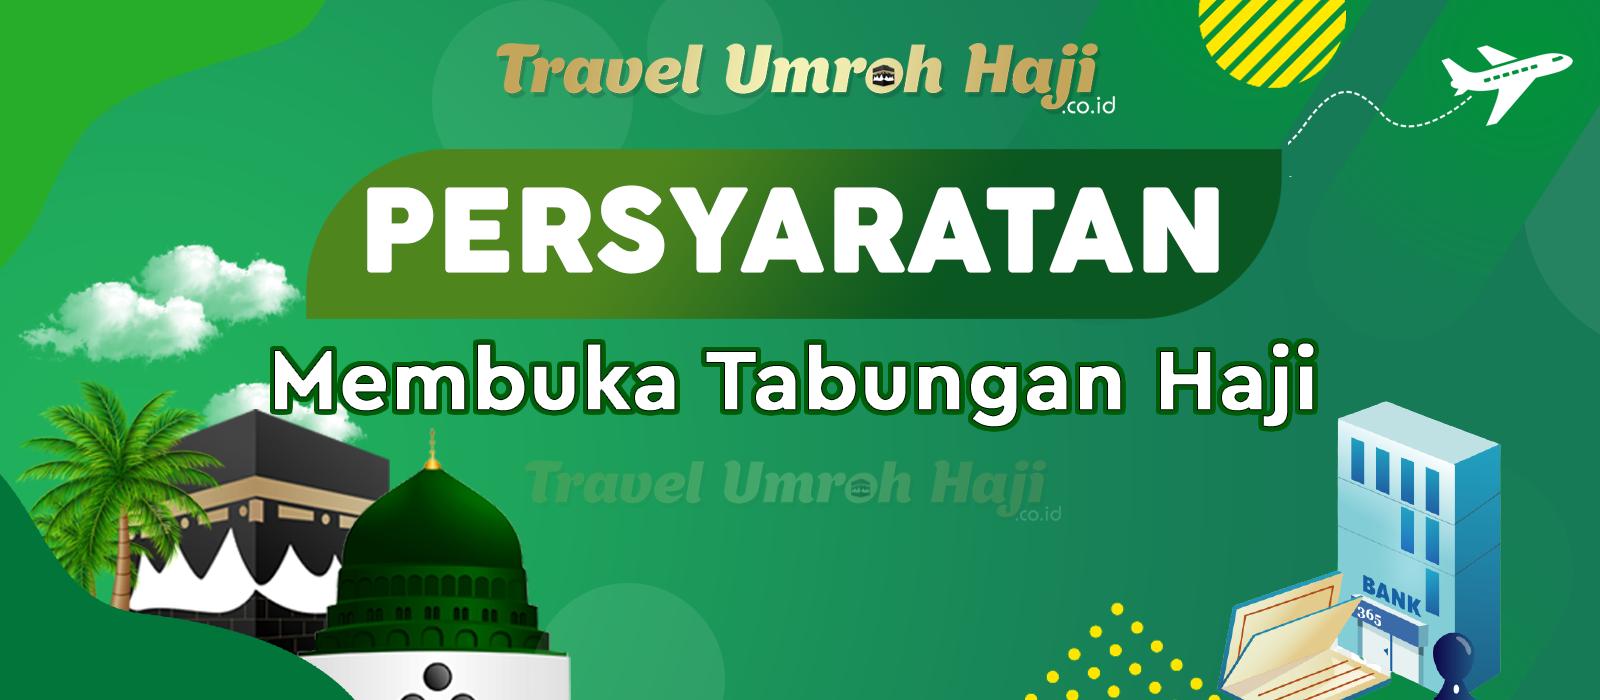 Calon Jamaah yang akan mendaftar haji wajib membuka Tabungan Haji